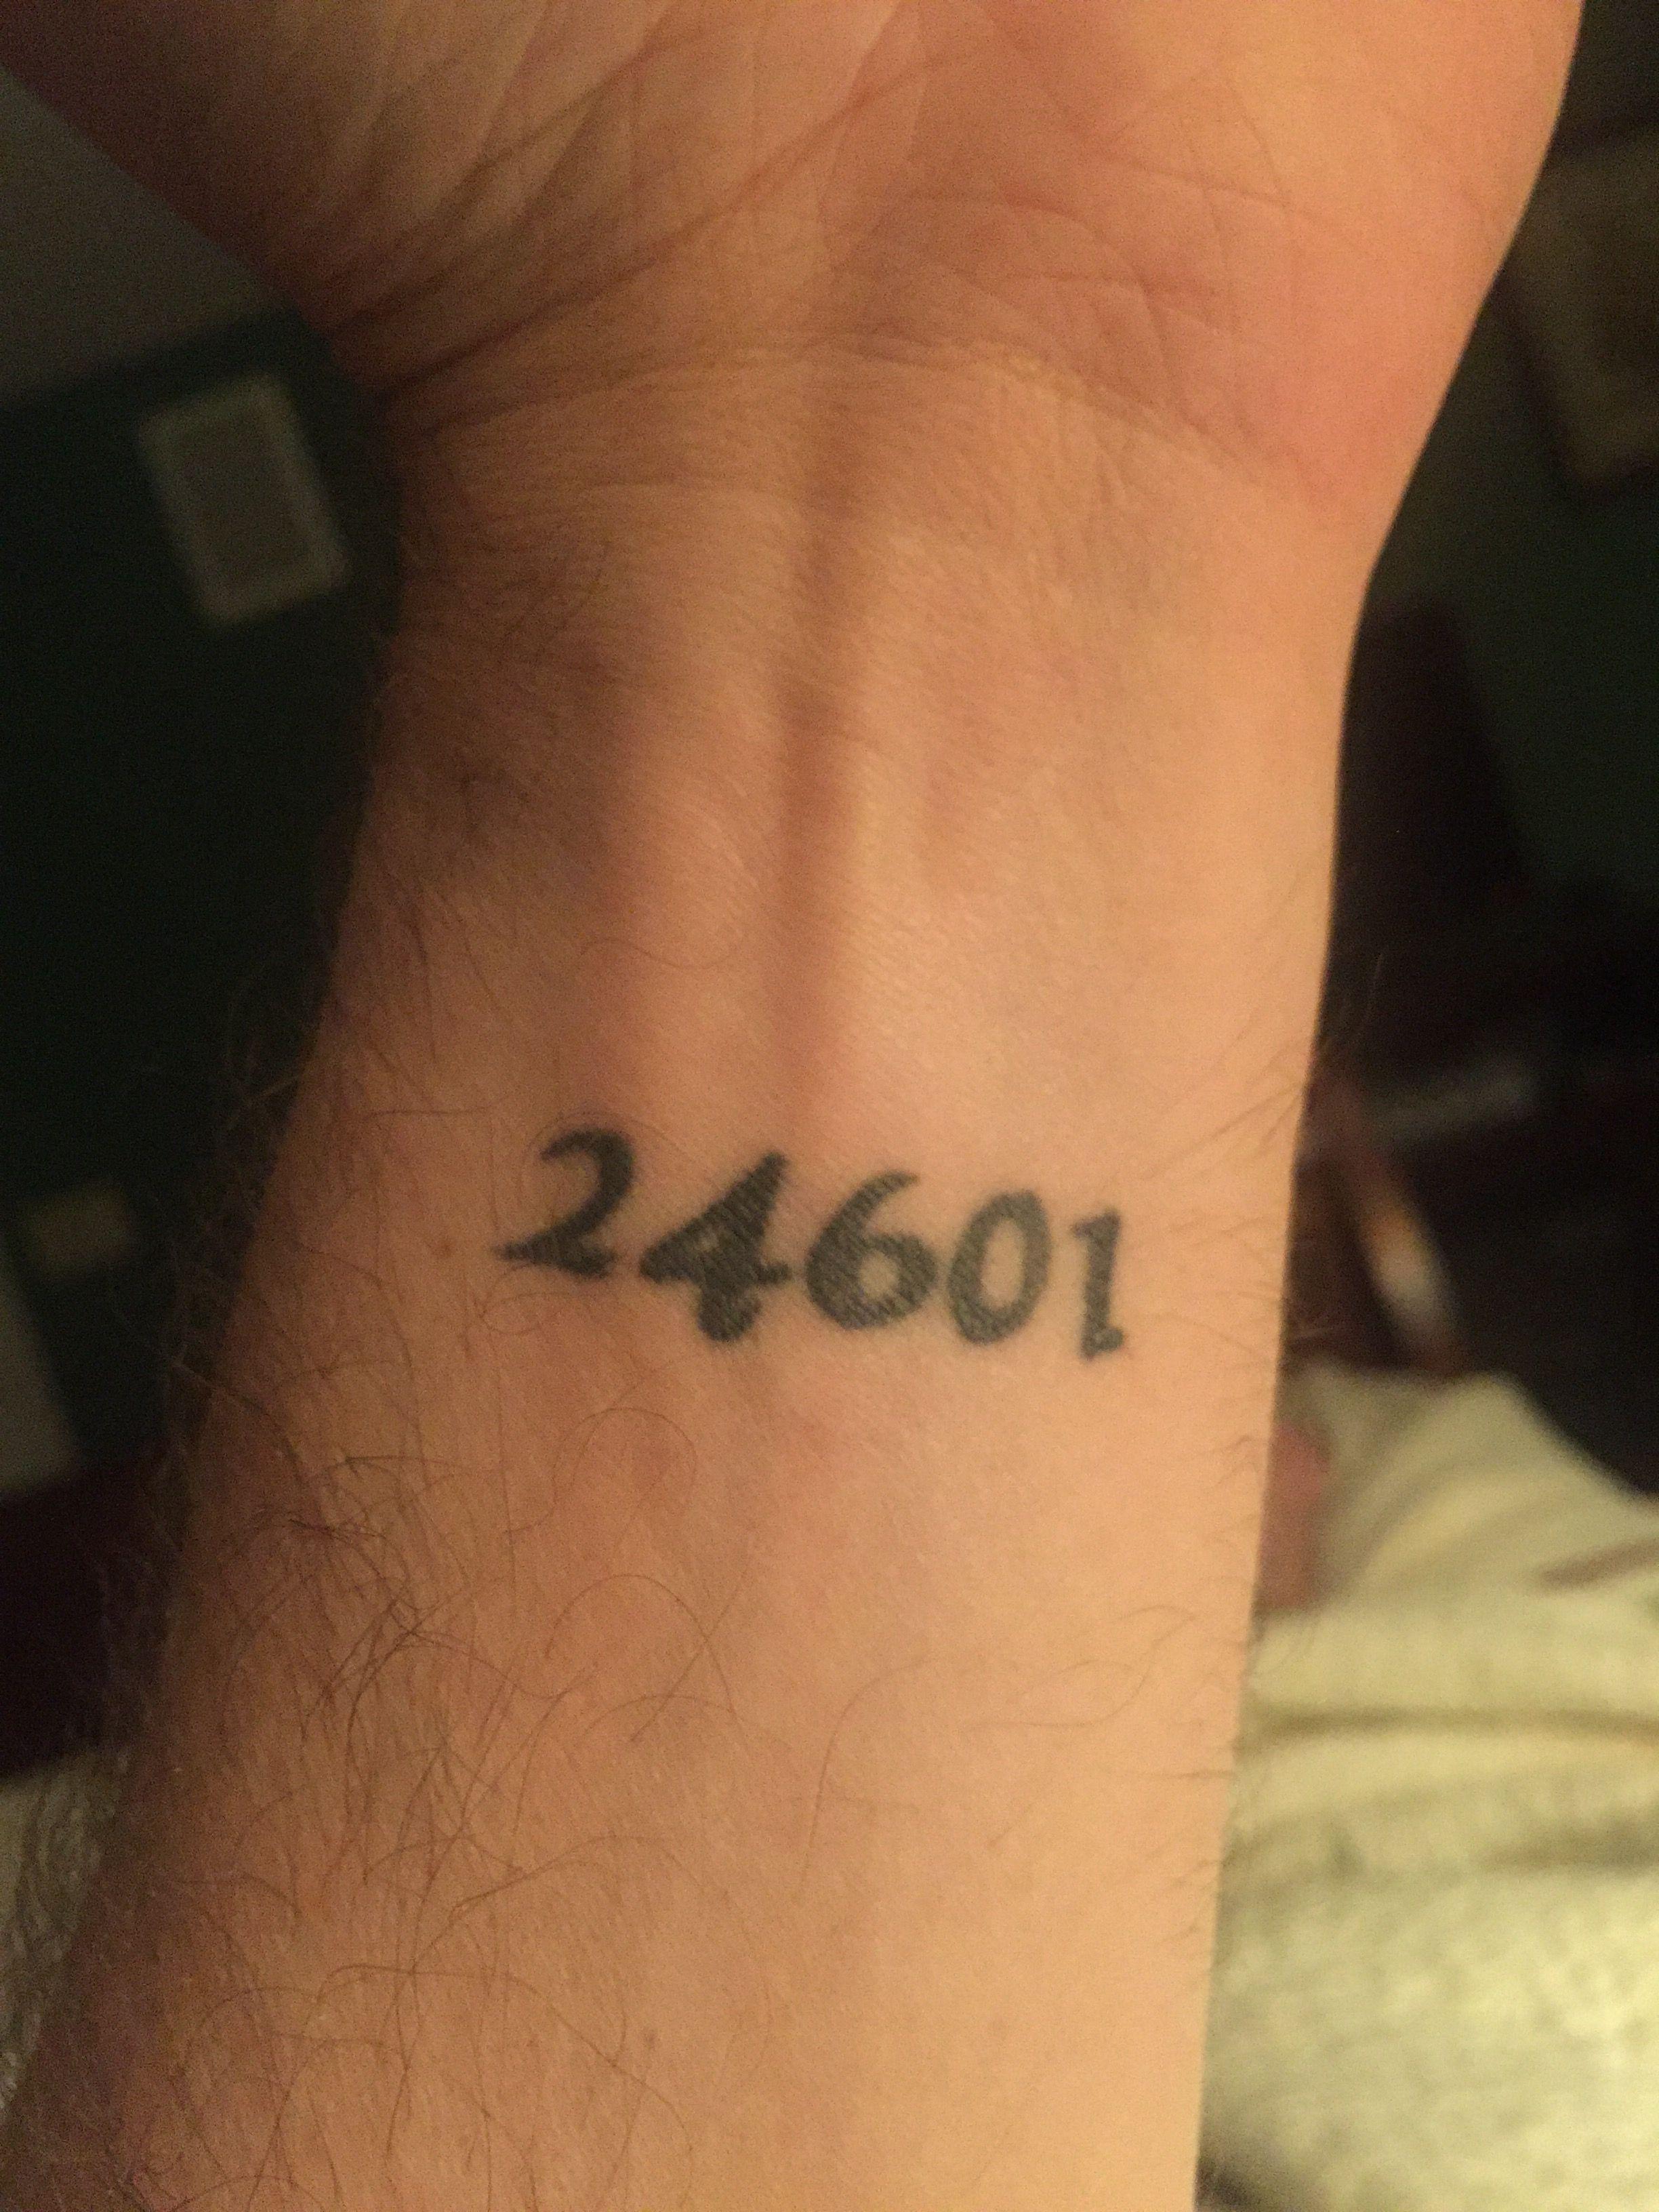 Jean valjean prison number tattoo tattoos pinterest for Number 3 tattoo